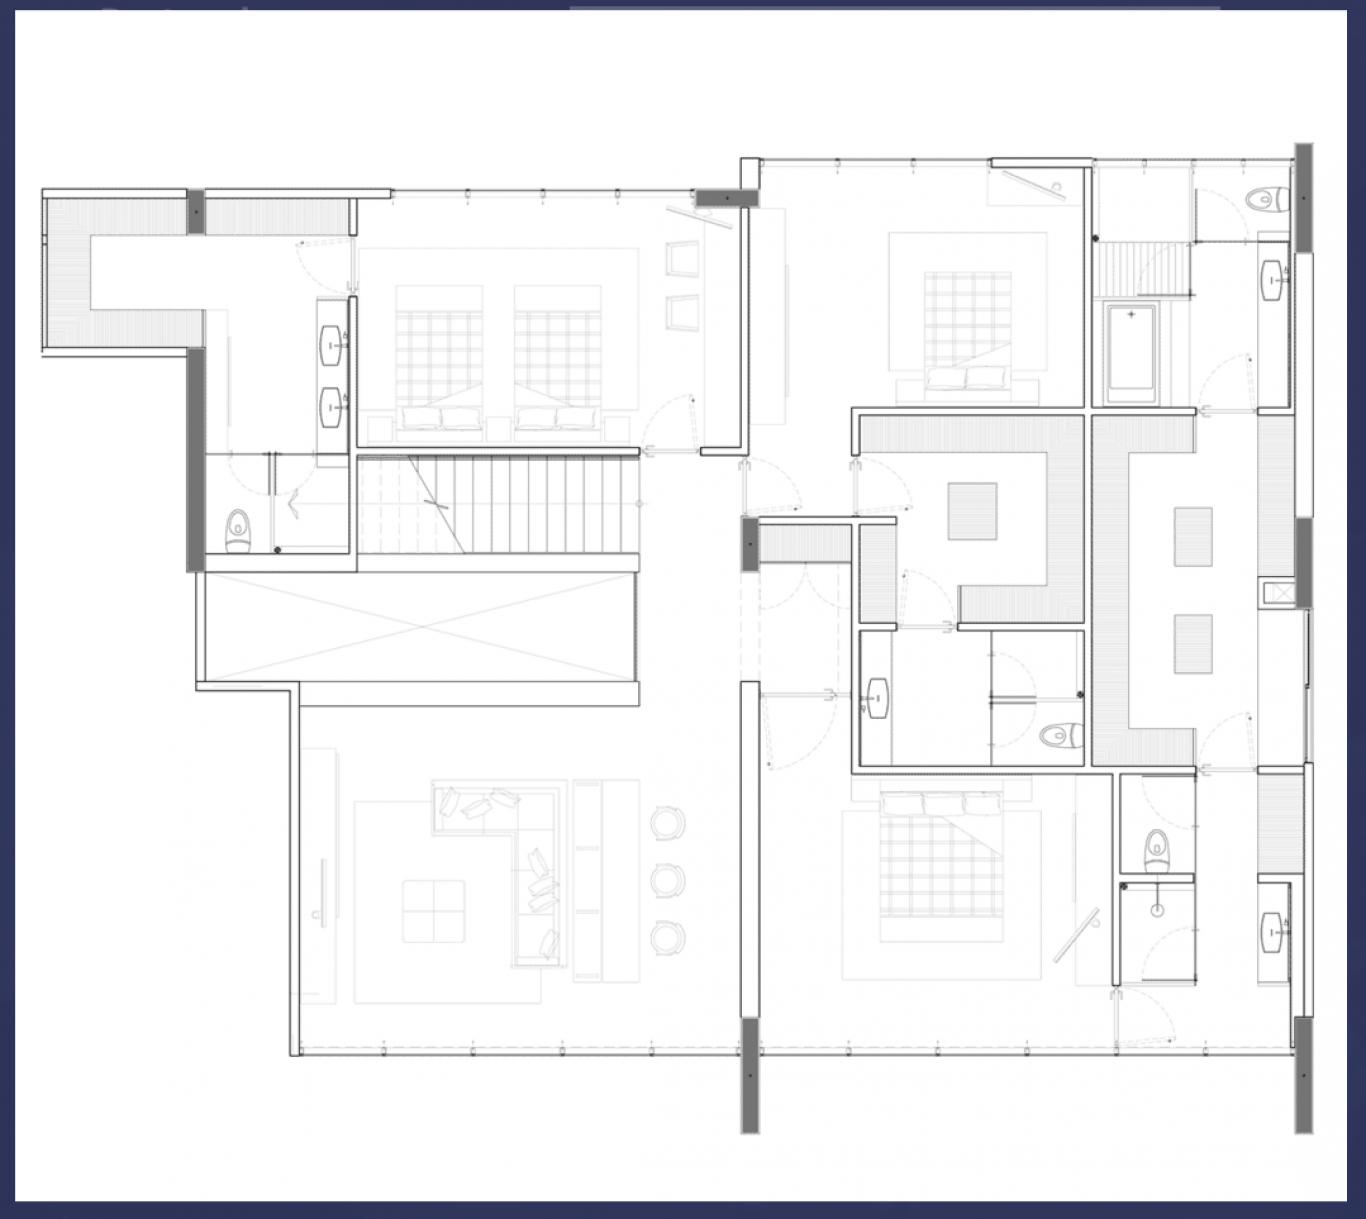 Club residencial bosques, id 1472095, no 1, plano de pentgarden tipo 1, 11